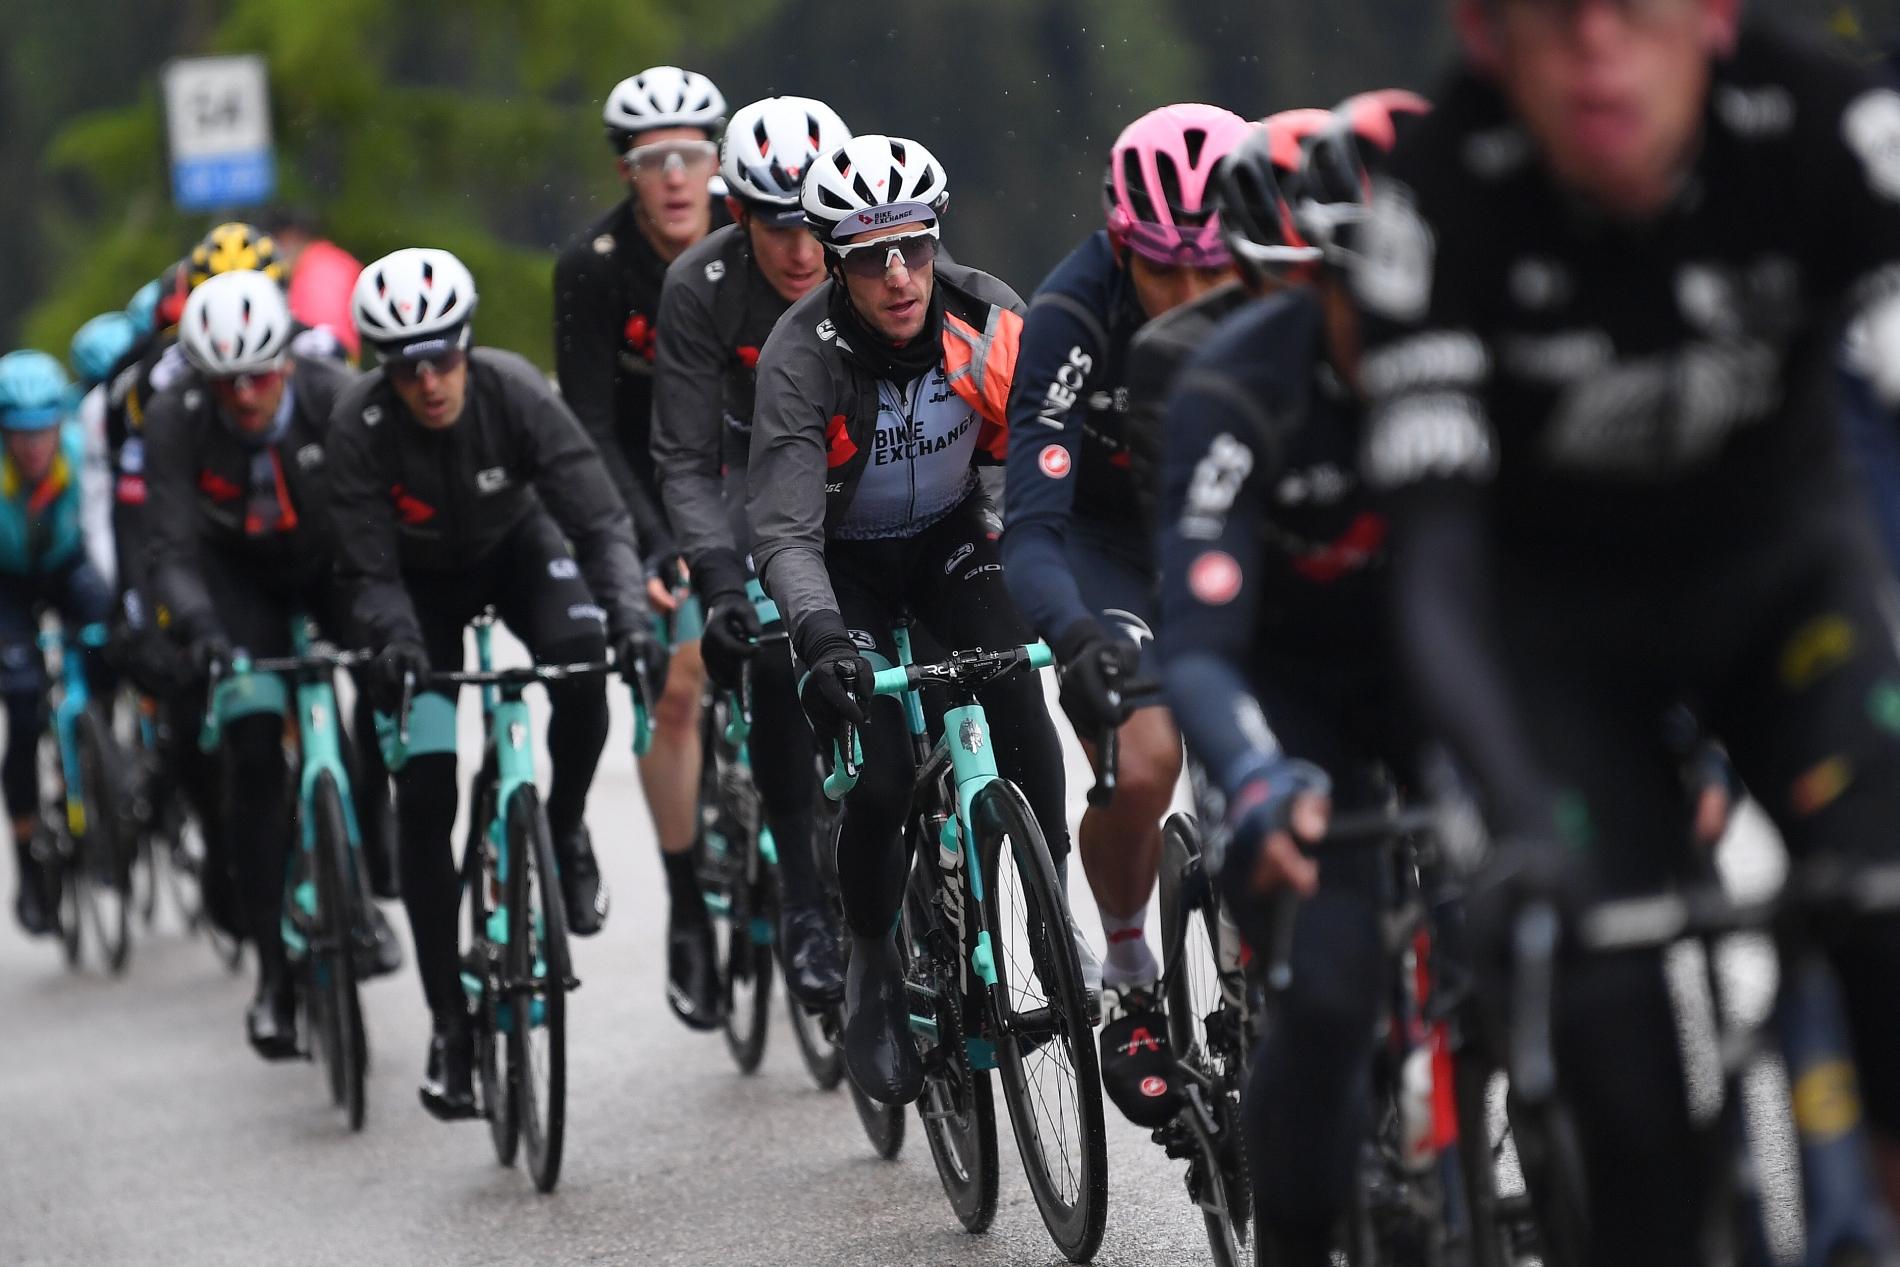 Simon Yates Giau Giro d'Italia 2021 stage 16 BikeExchange